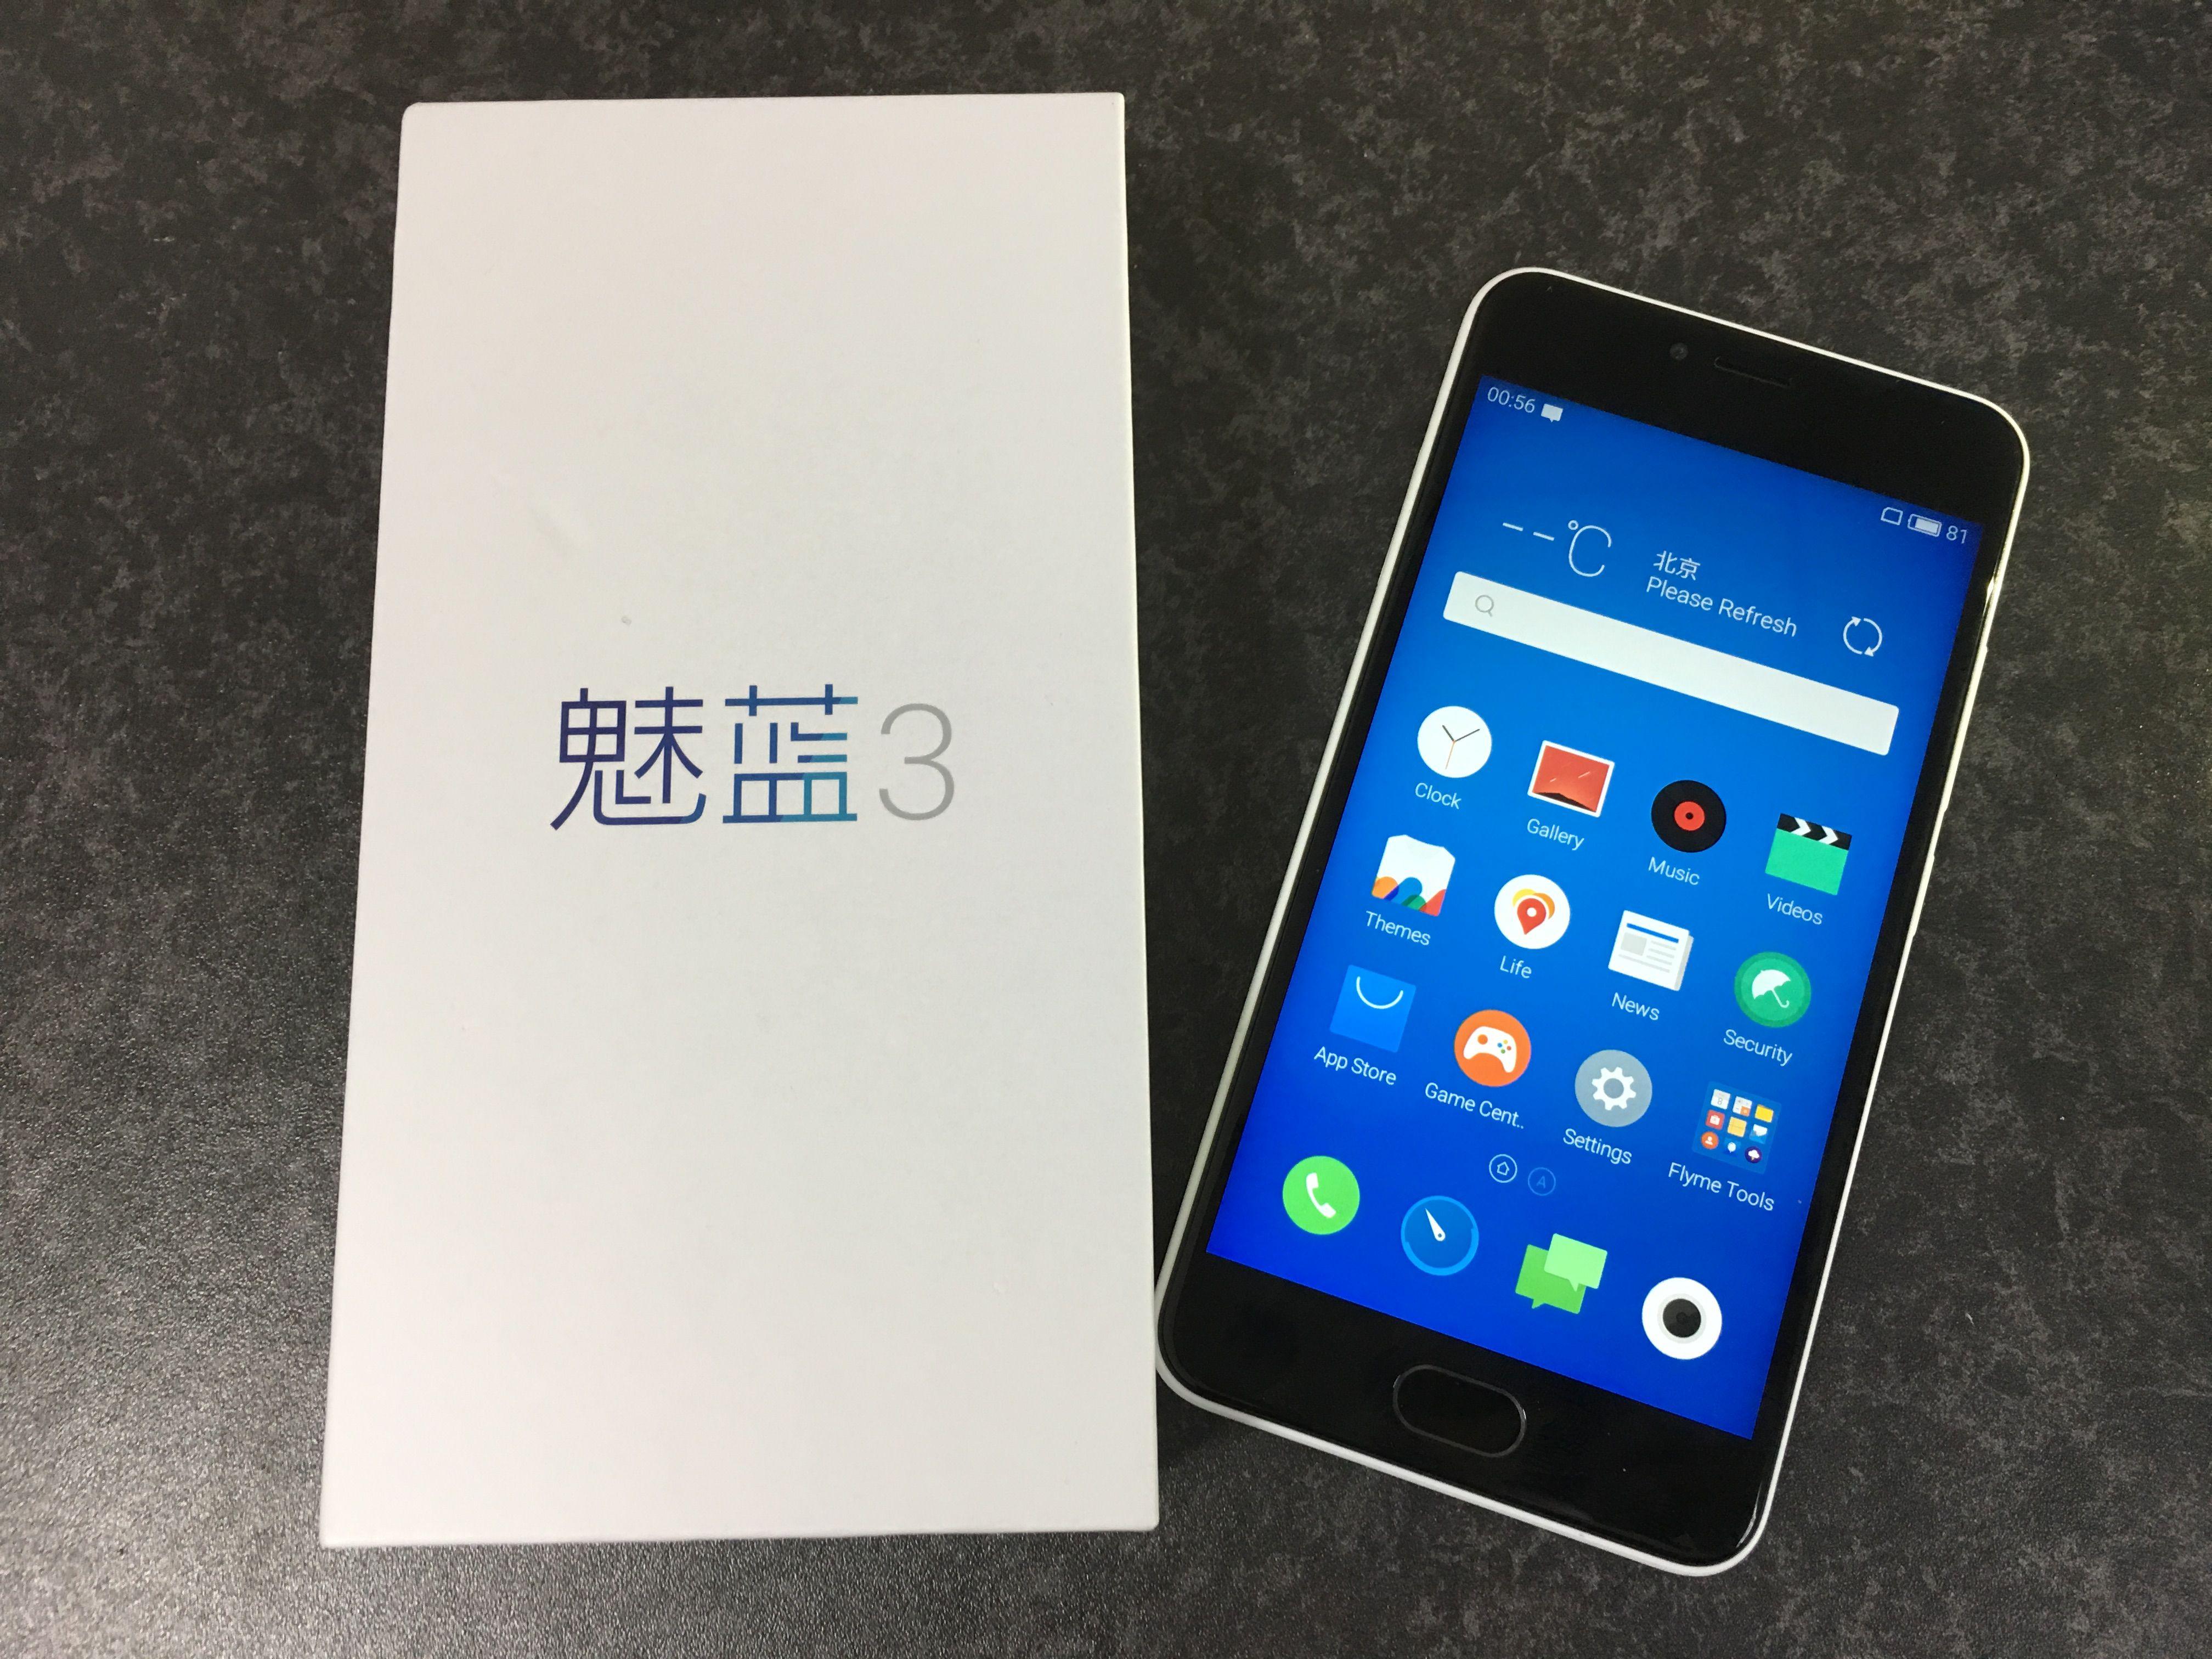 2016年度mシリーズ小型スマートフォン、Meizu m3のフォトレビュー!えっ、軽いよこれ!超軽い!